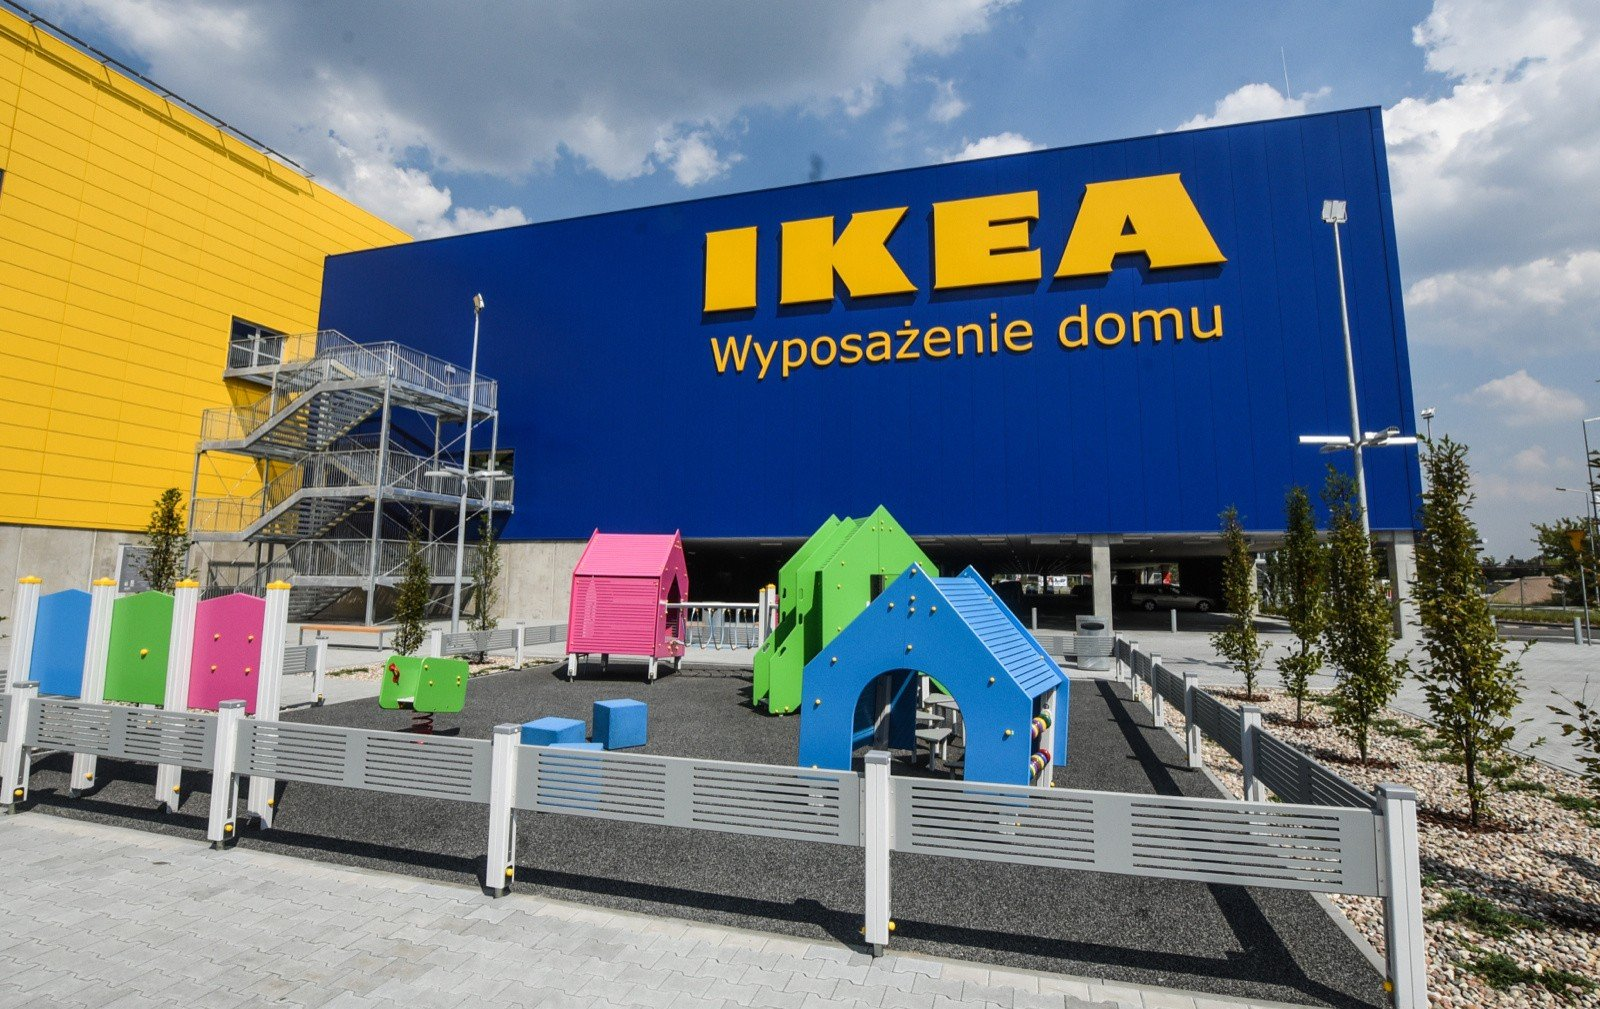 Ewakuacja W Ikei W Bydgoszczy Bo Zapalil Sie Karton W Kuchni